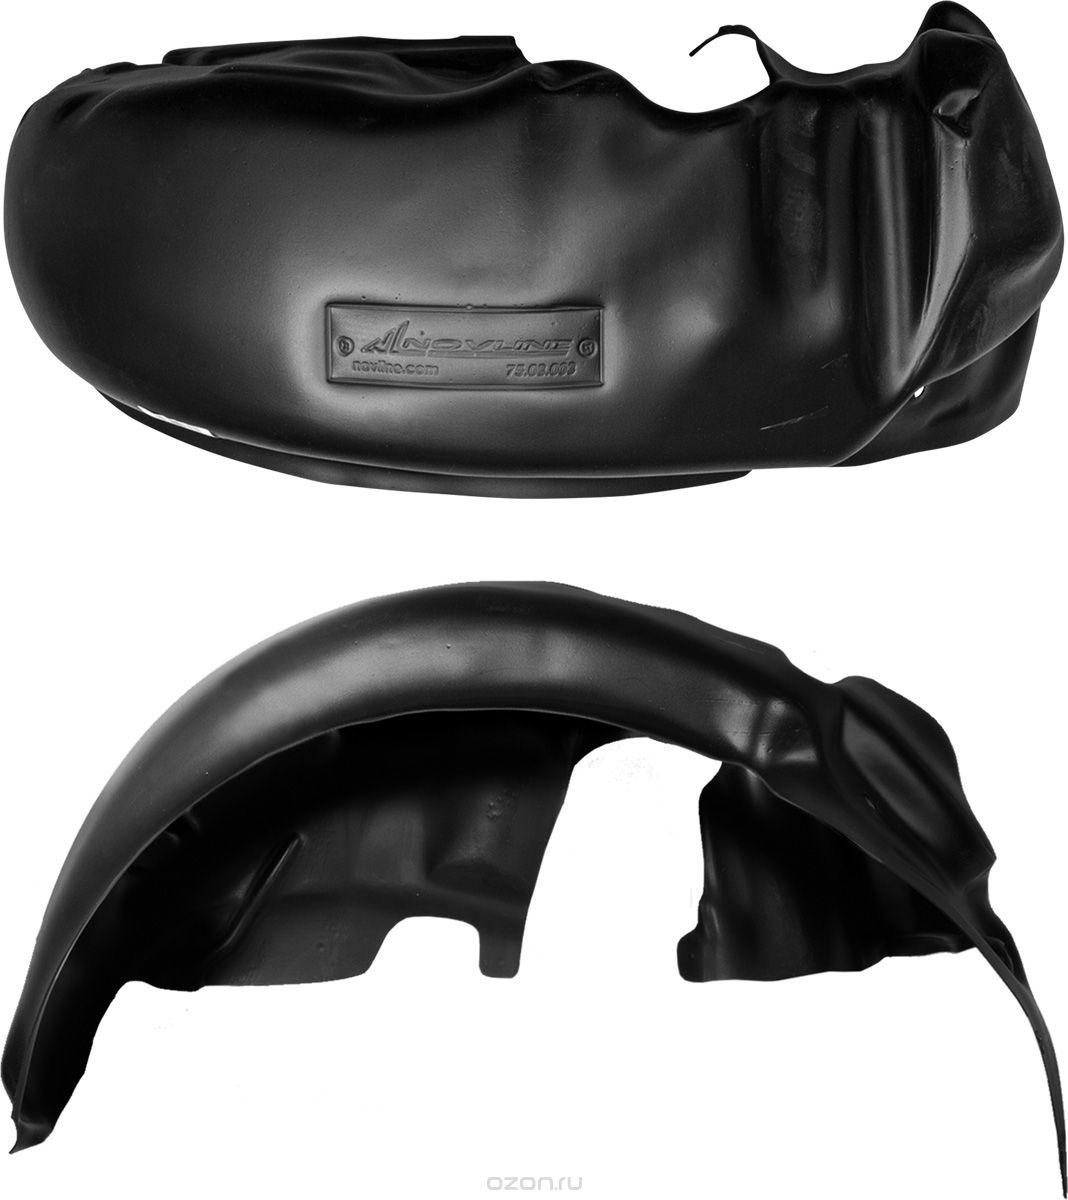 Подкрылок Novline-Autofamily, для Mitsubishi Colt 3D, 10/2009->, задний правый. NNL.35.21.004NLL.35.21.004Идеальная защита колесной ниши. Локеры разработаны с применением цифровых технологий, гарантируют максимальную повторяемость поверхности арки. Изделия устанавливаются без нарушения лакокрасочного покрытия автомобиля, каждый подкрылок комплектуется крепежом. Уважаемые клиенты, обращаем ваше внимание, что фотографии на подкрылки универсальные и не отражают реальную форму изделия. При этом само изделие идет точно под размер указанного автомобиля.